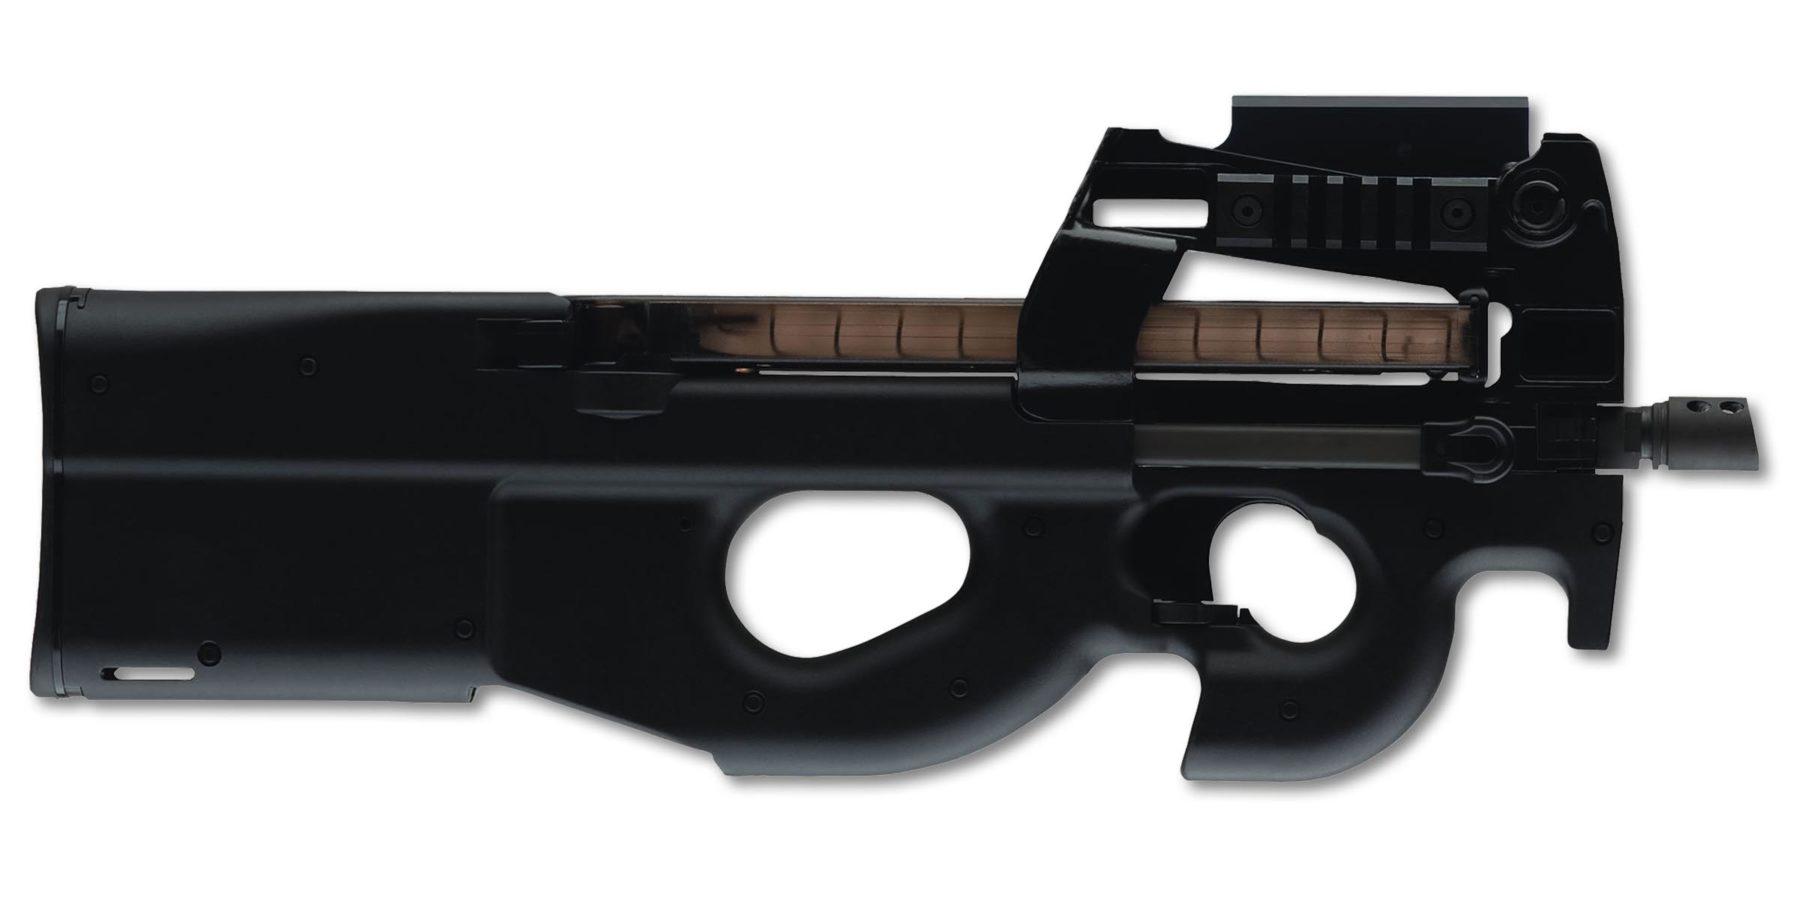 FN P90  FN